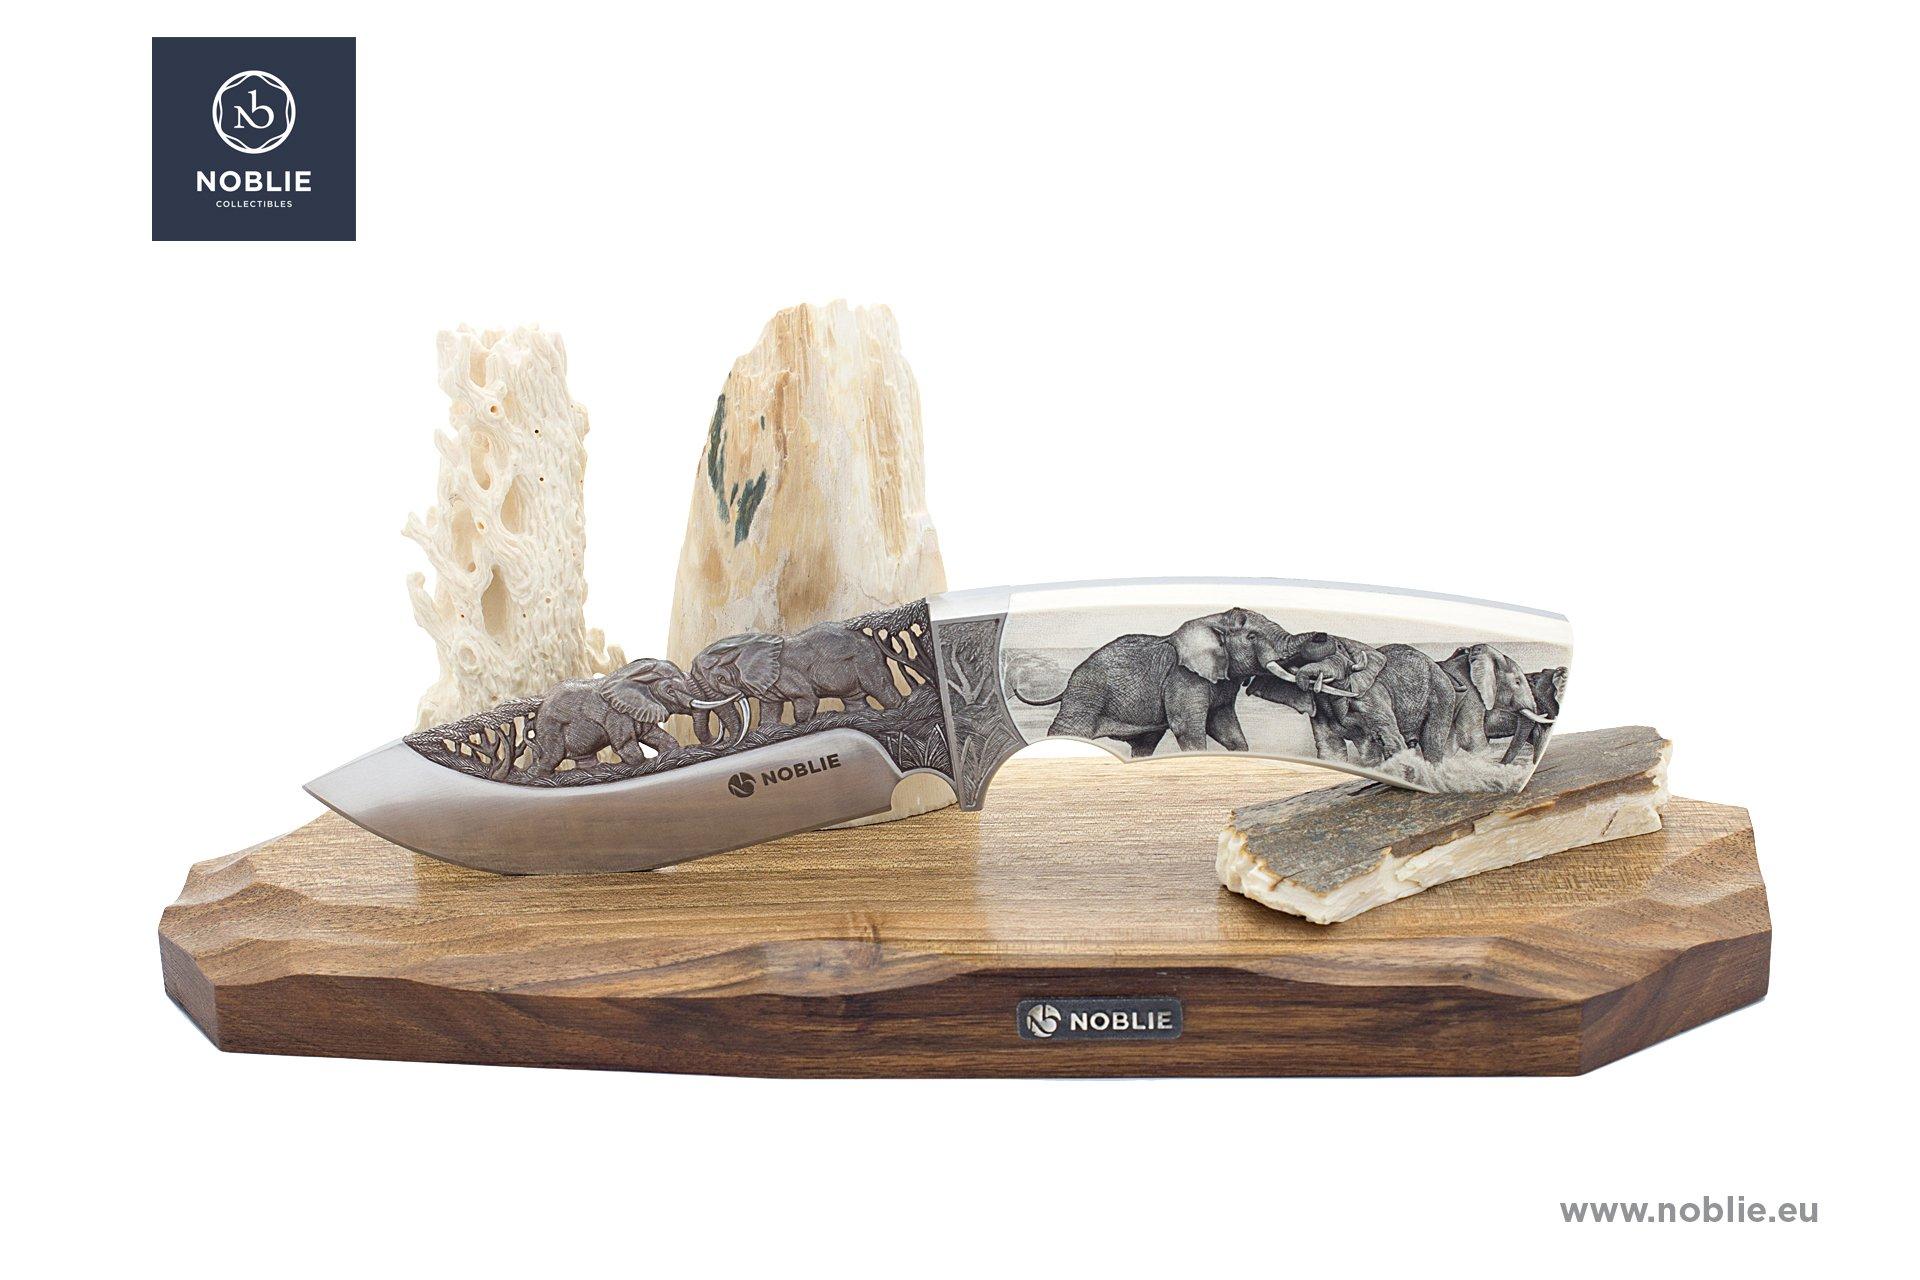 custom knife composition